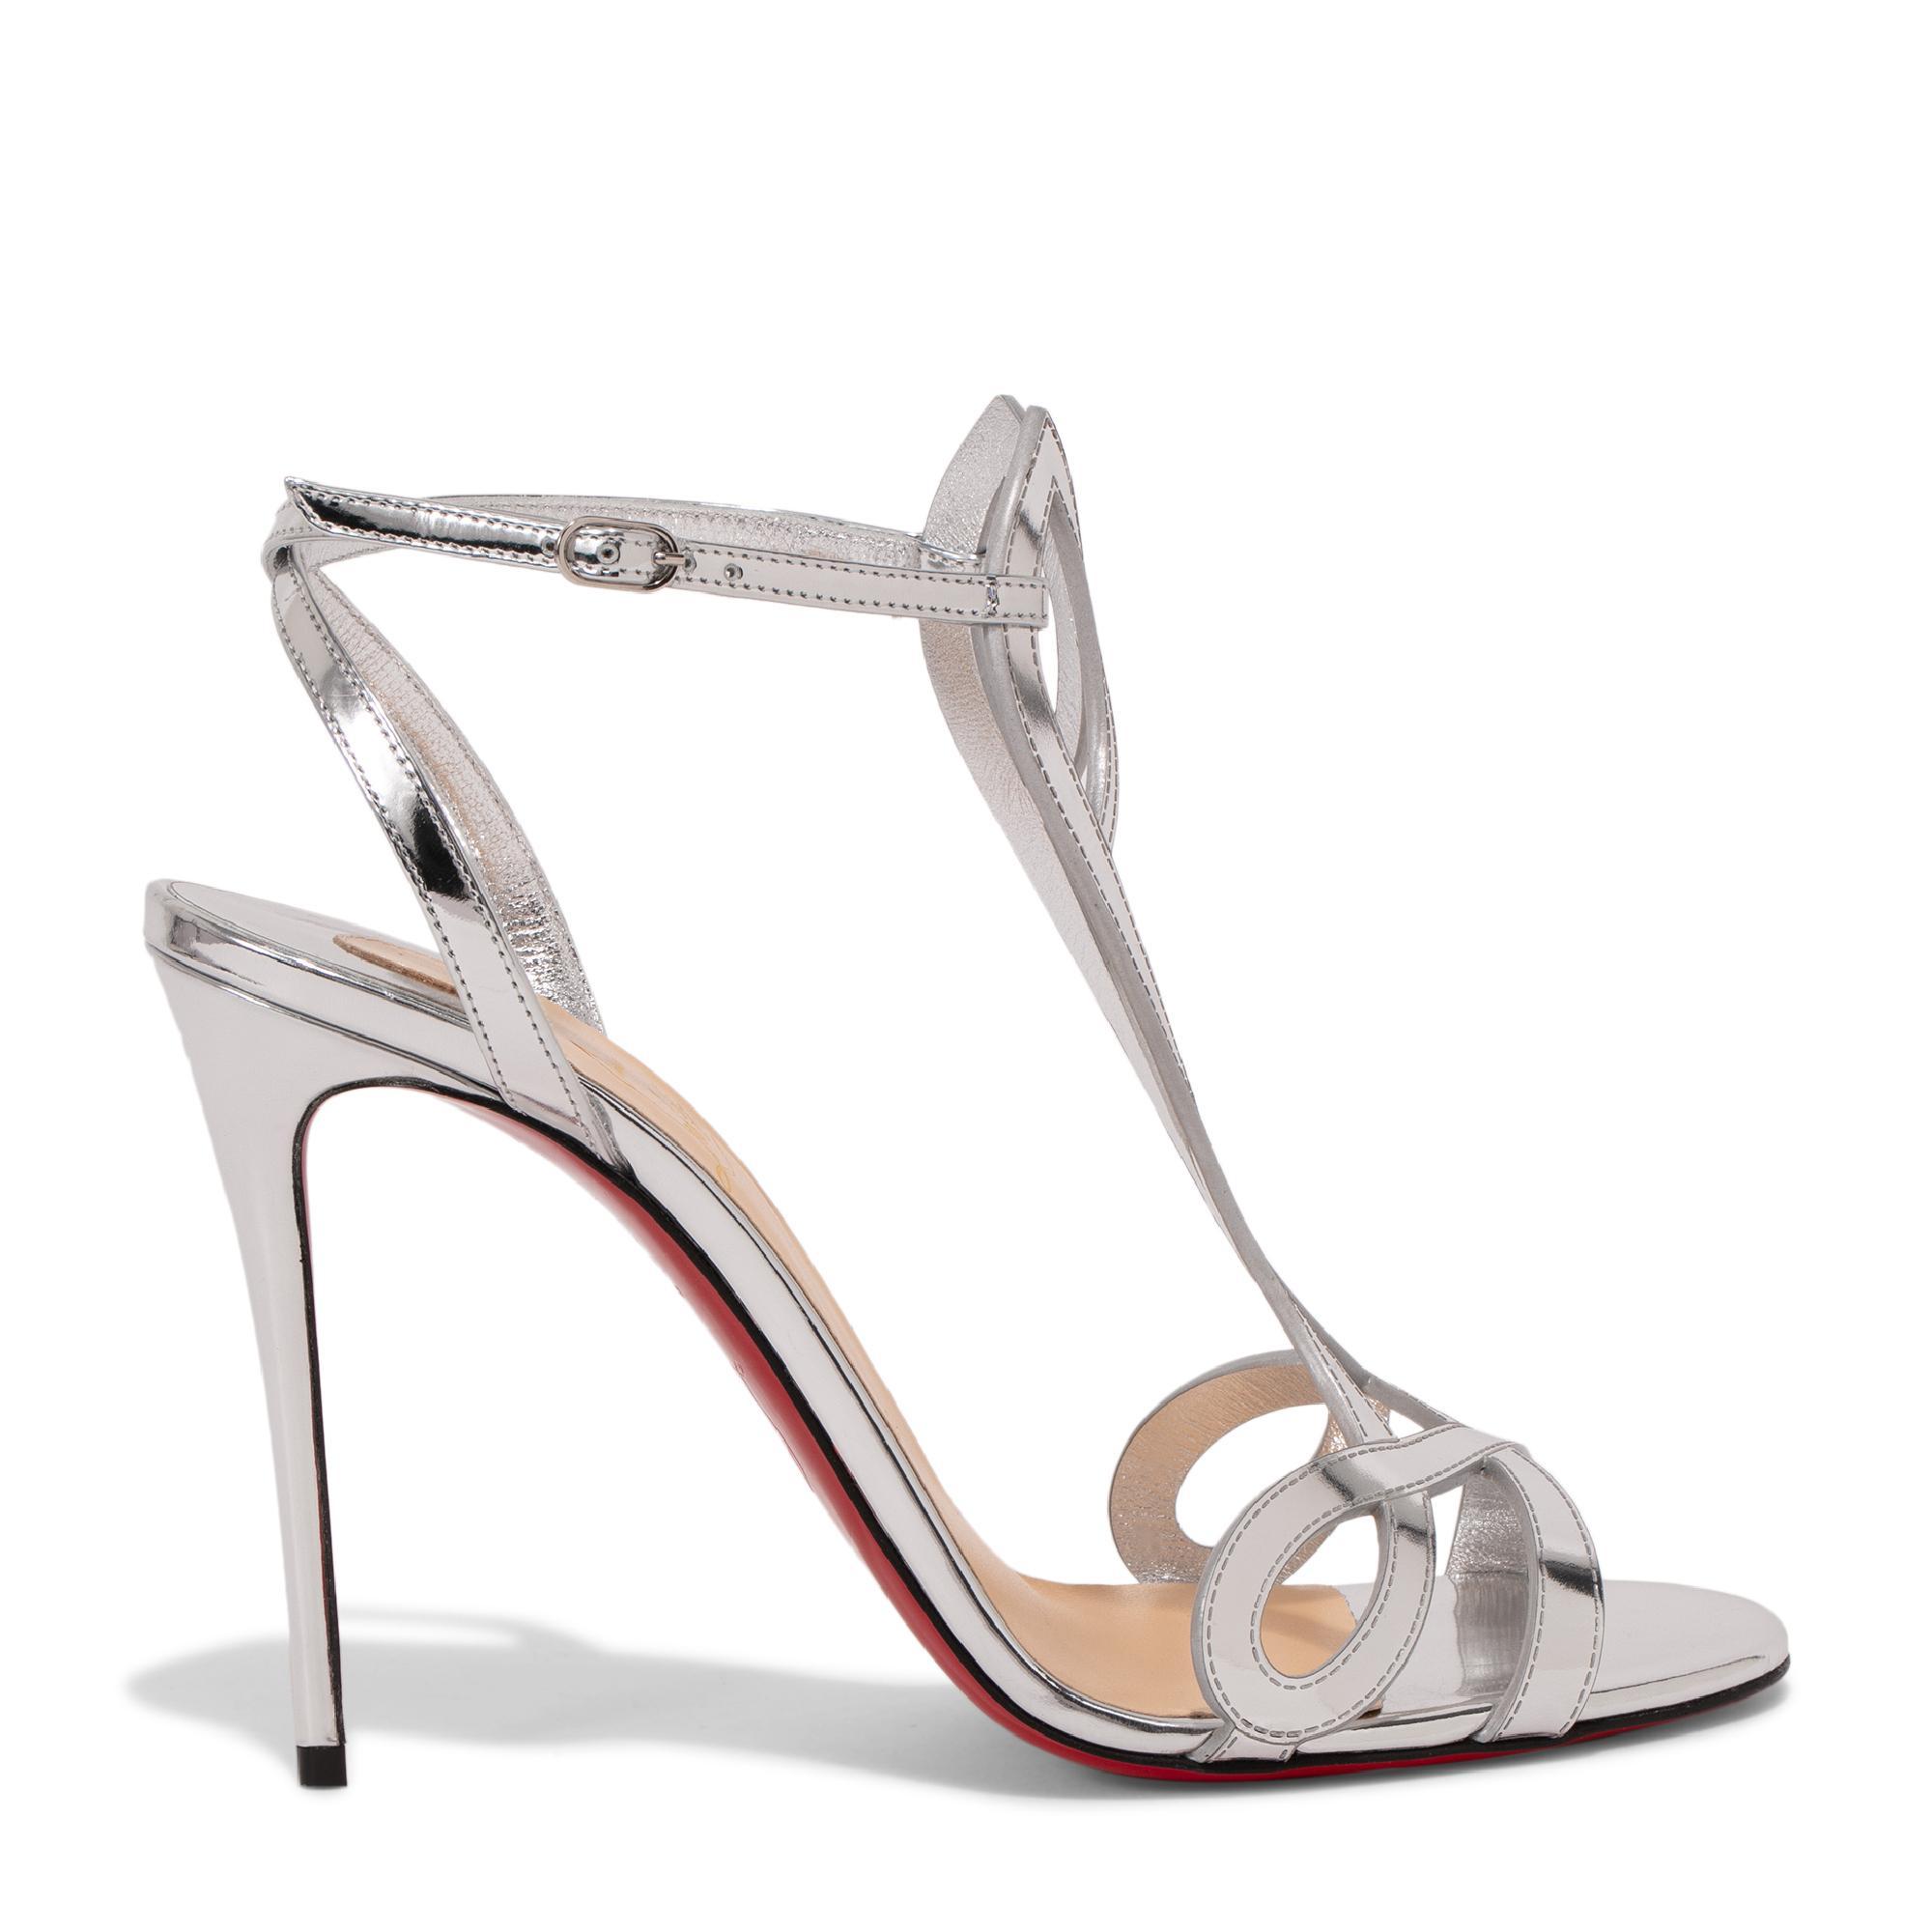 Double L 100 sandals